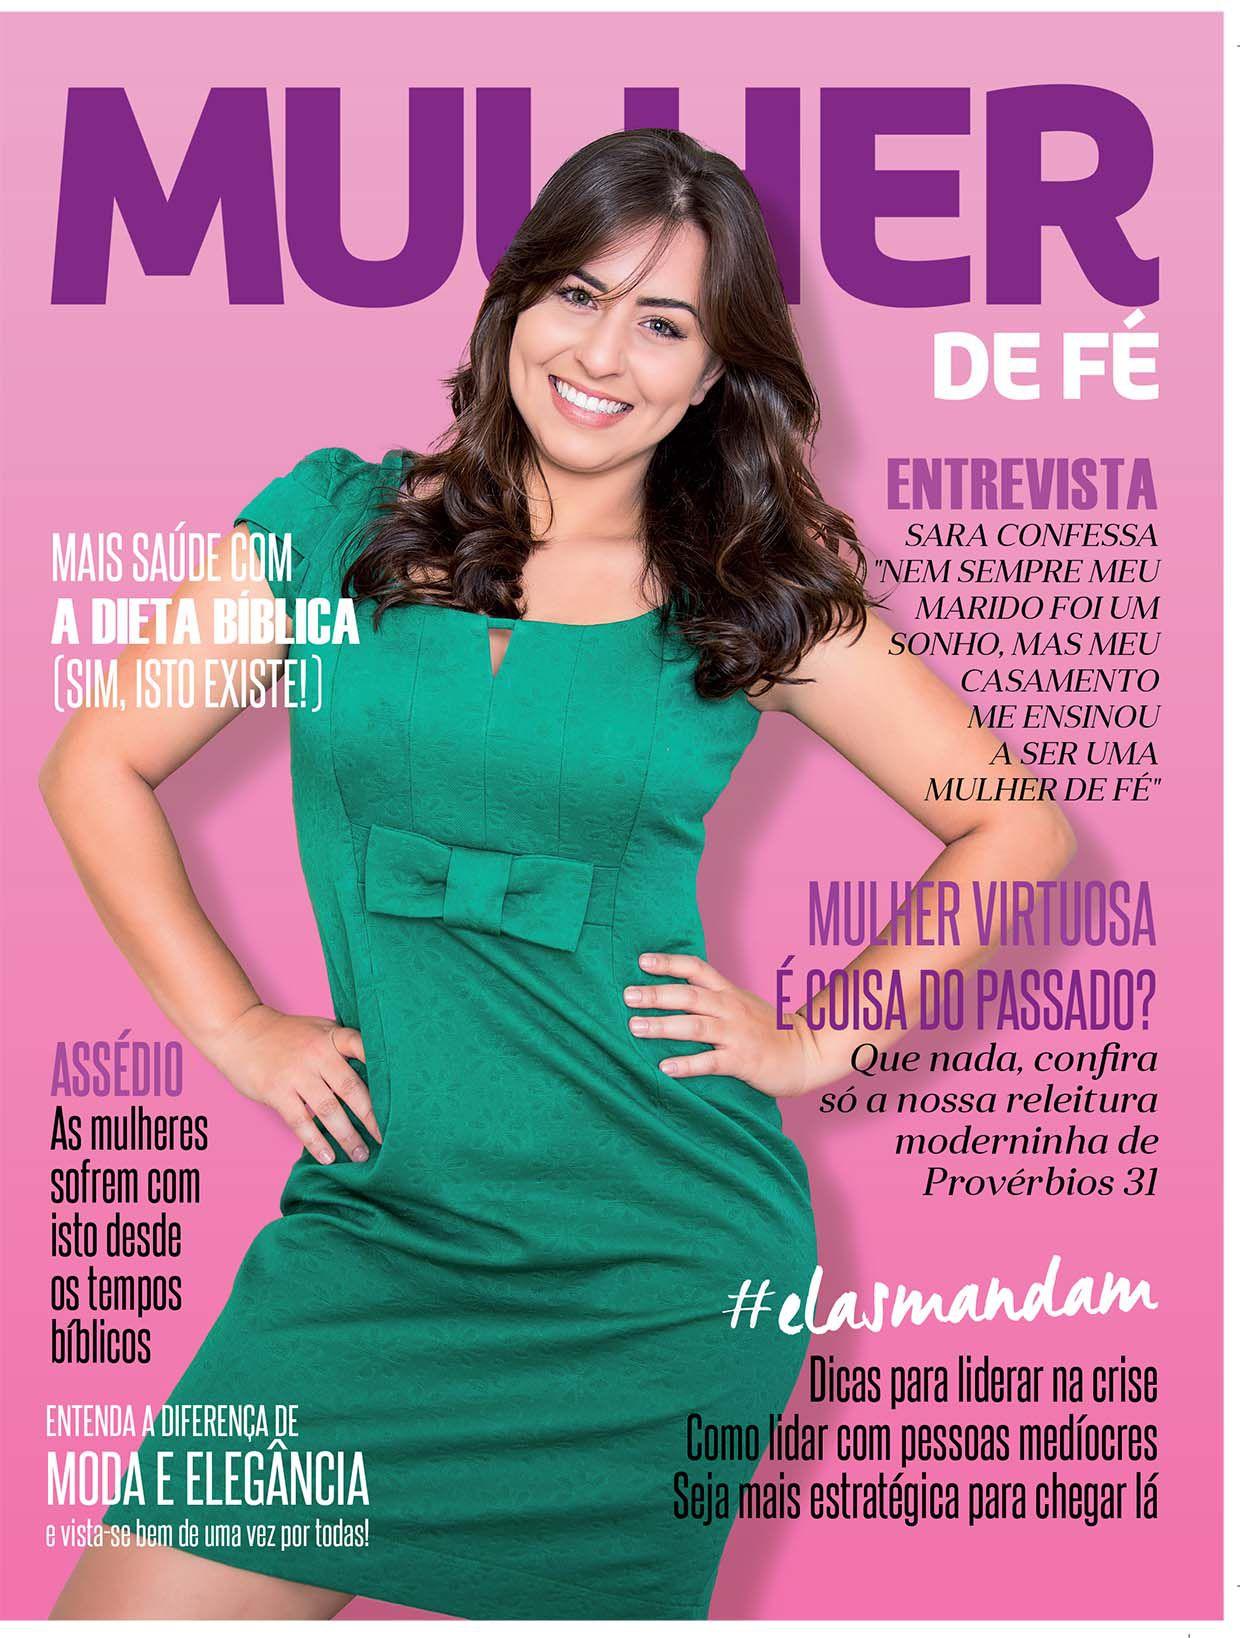 Revista Mulher de Fé  - PAROLE EDITORA